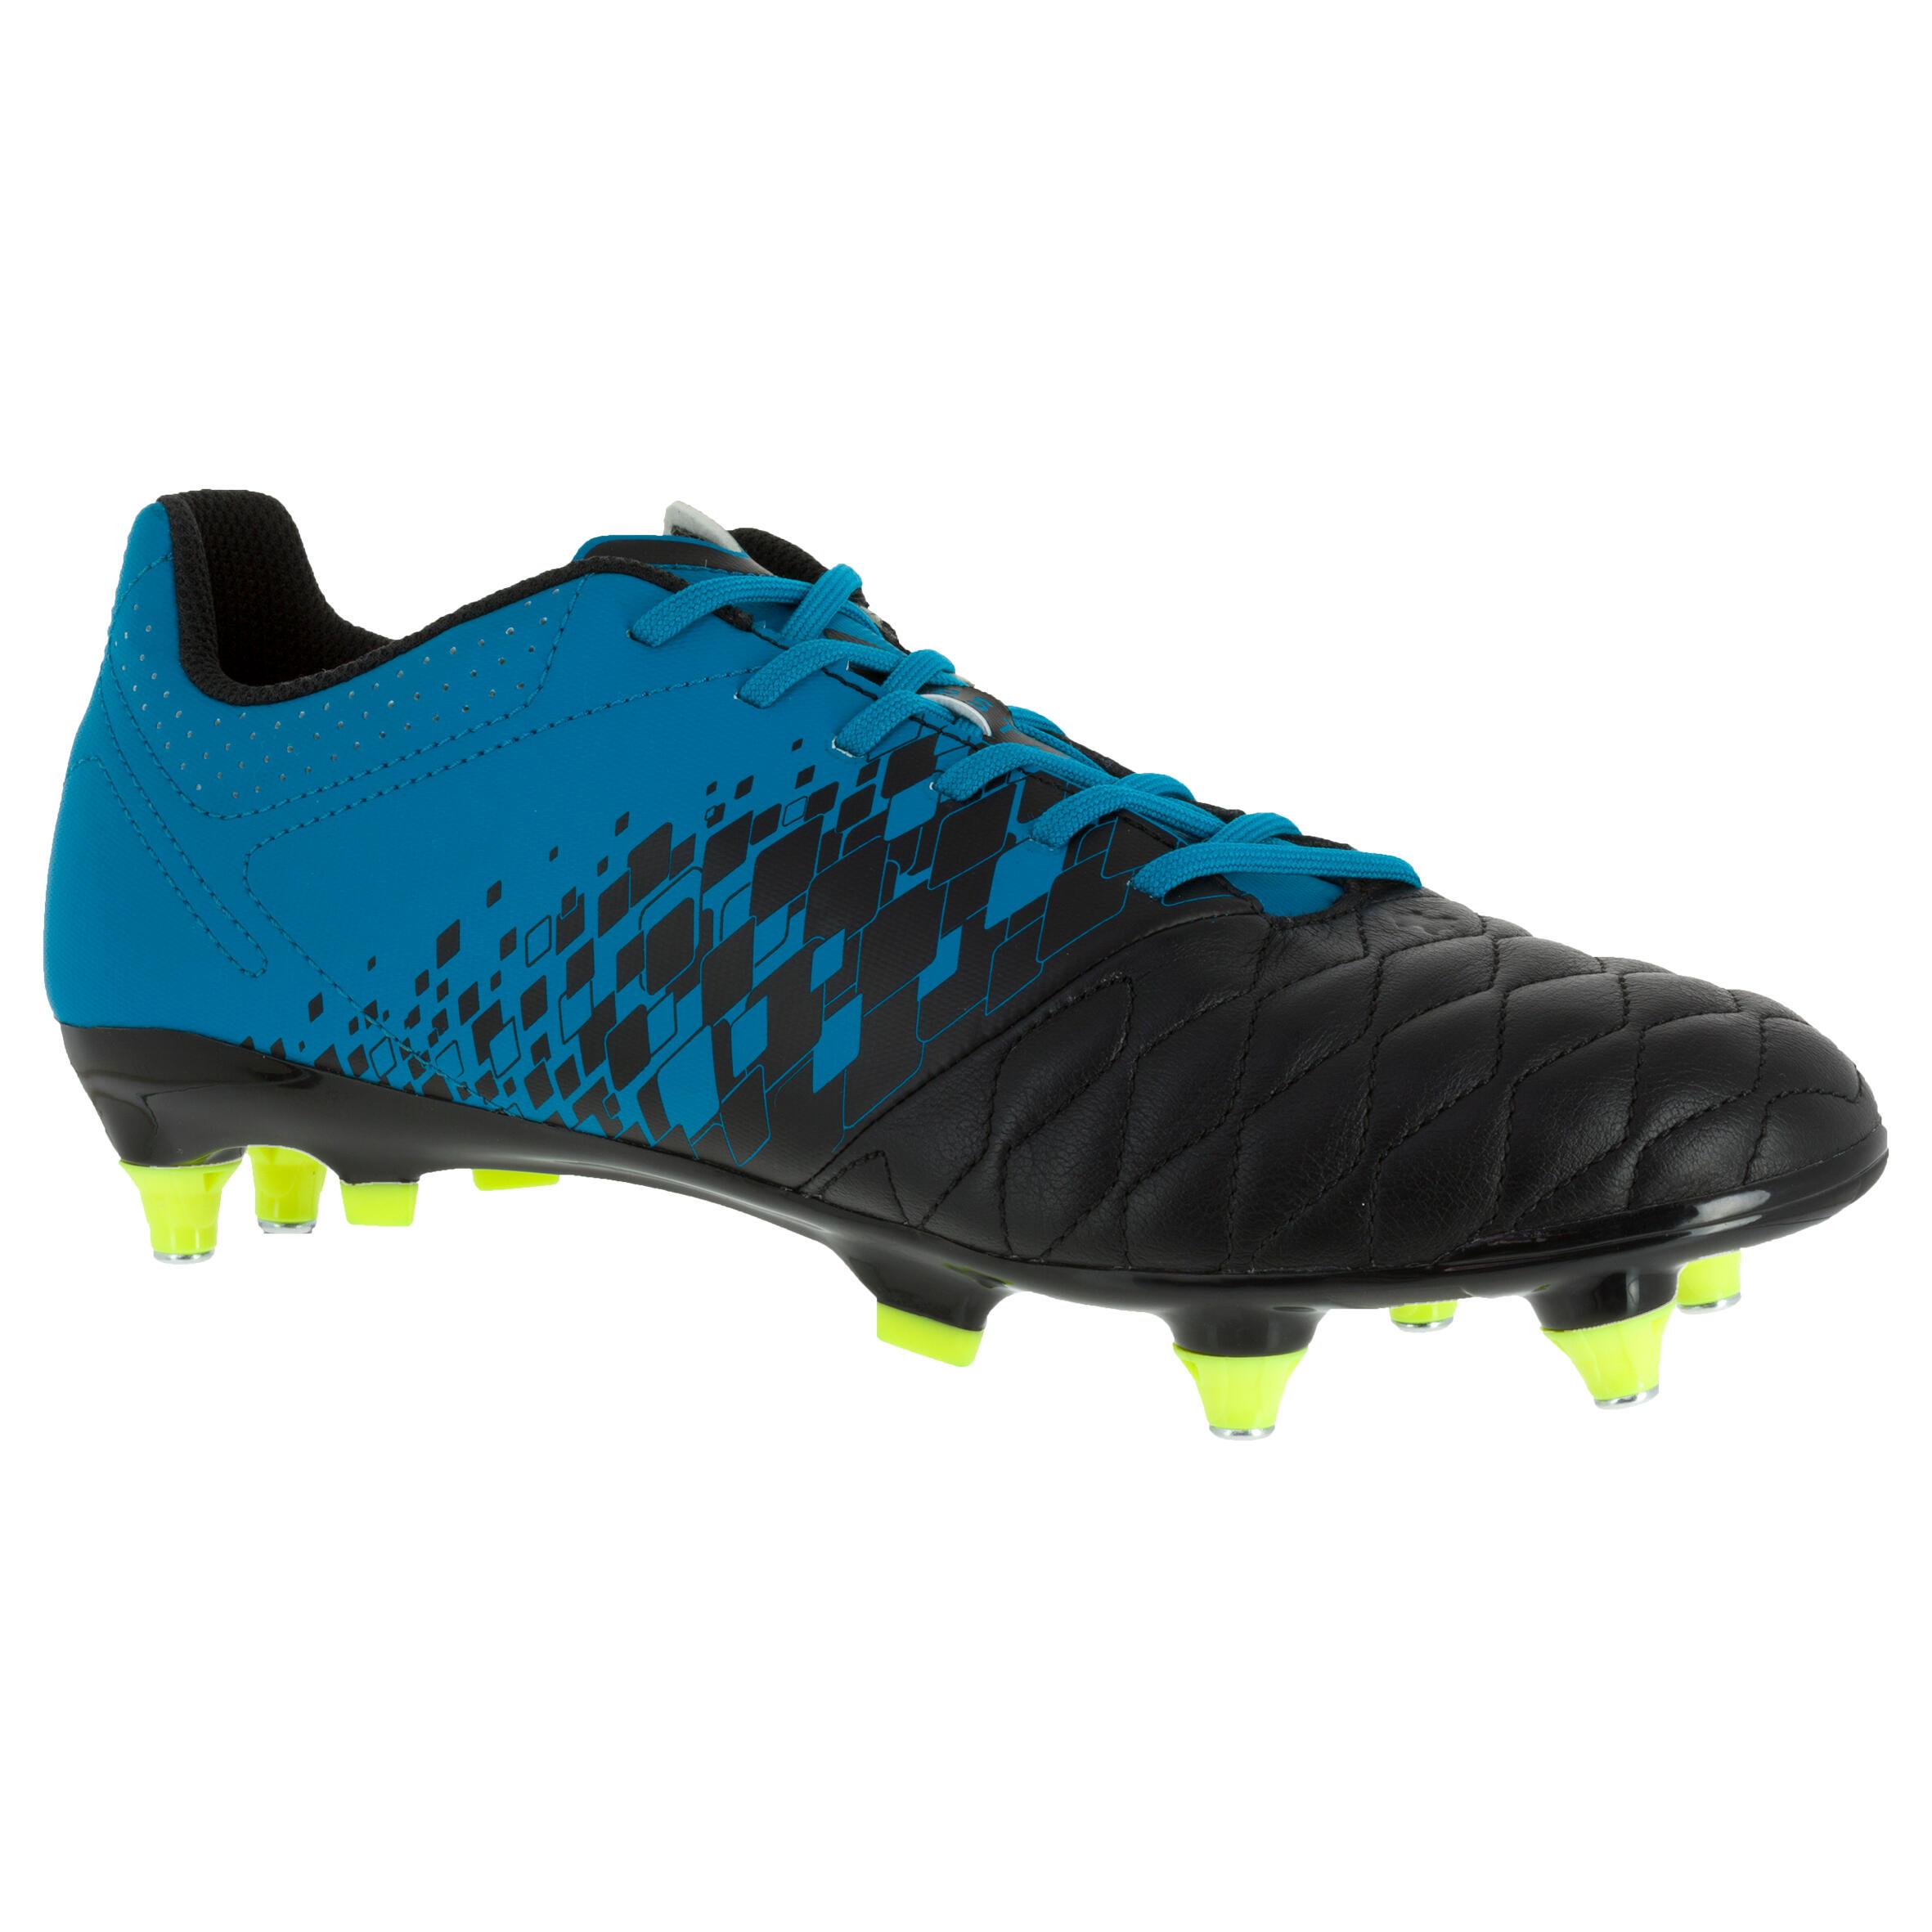 Botas de rugby adulto Hybride Agility 900 SG azul/negro